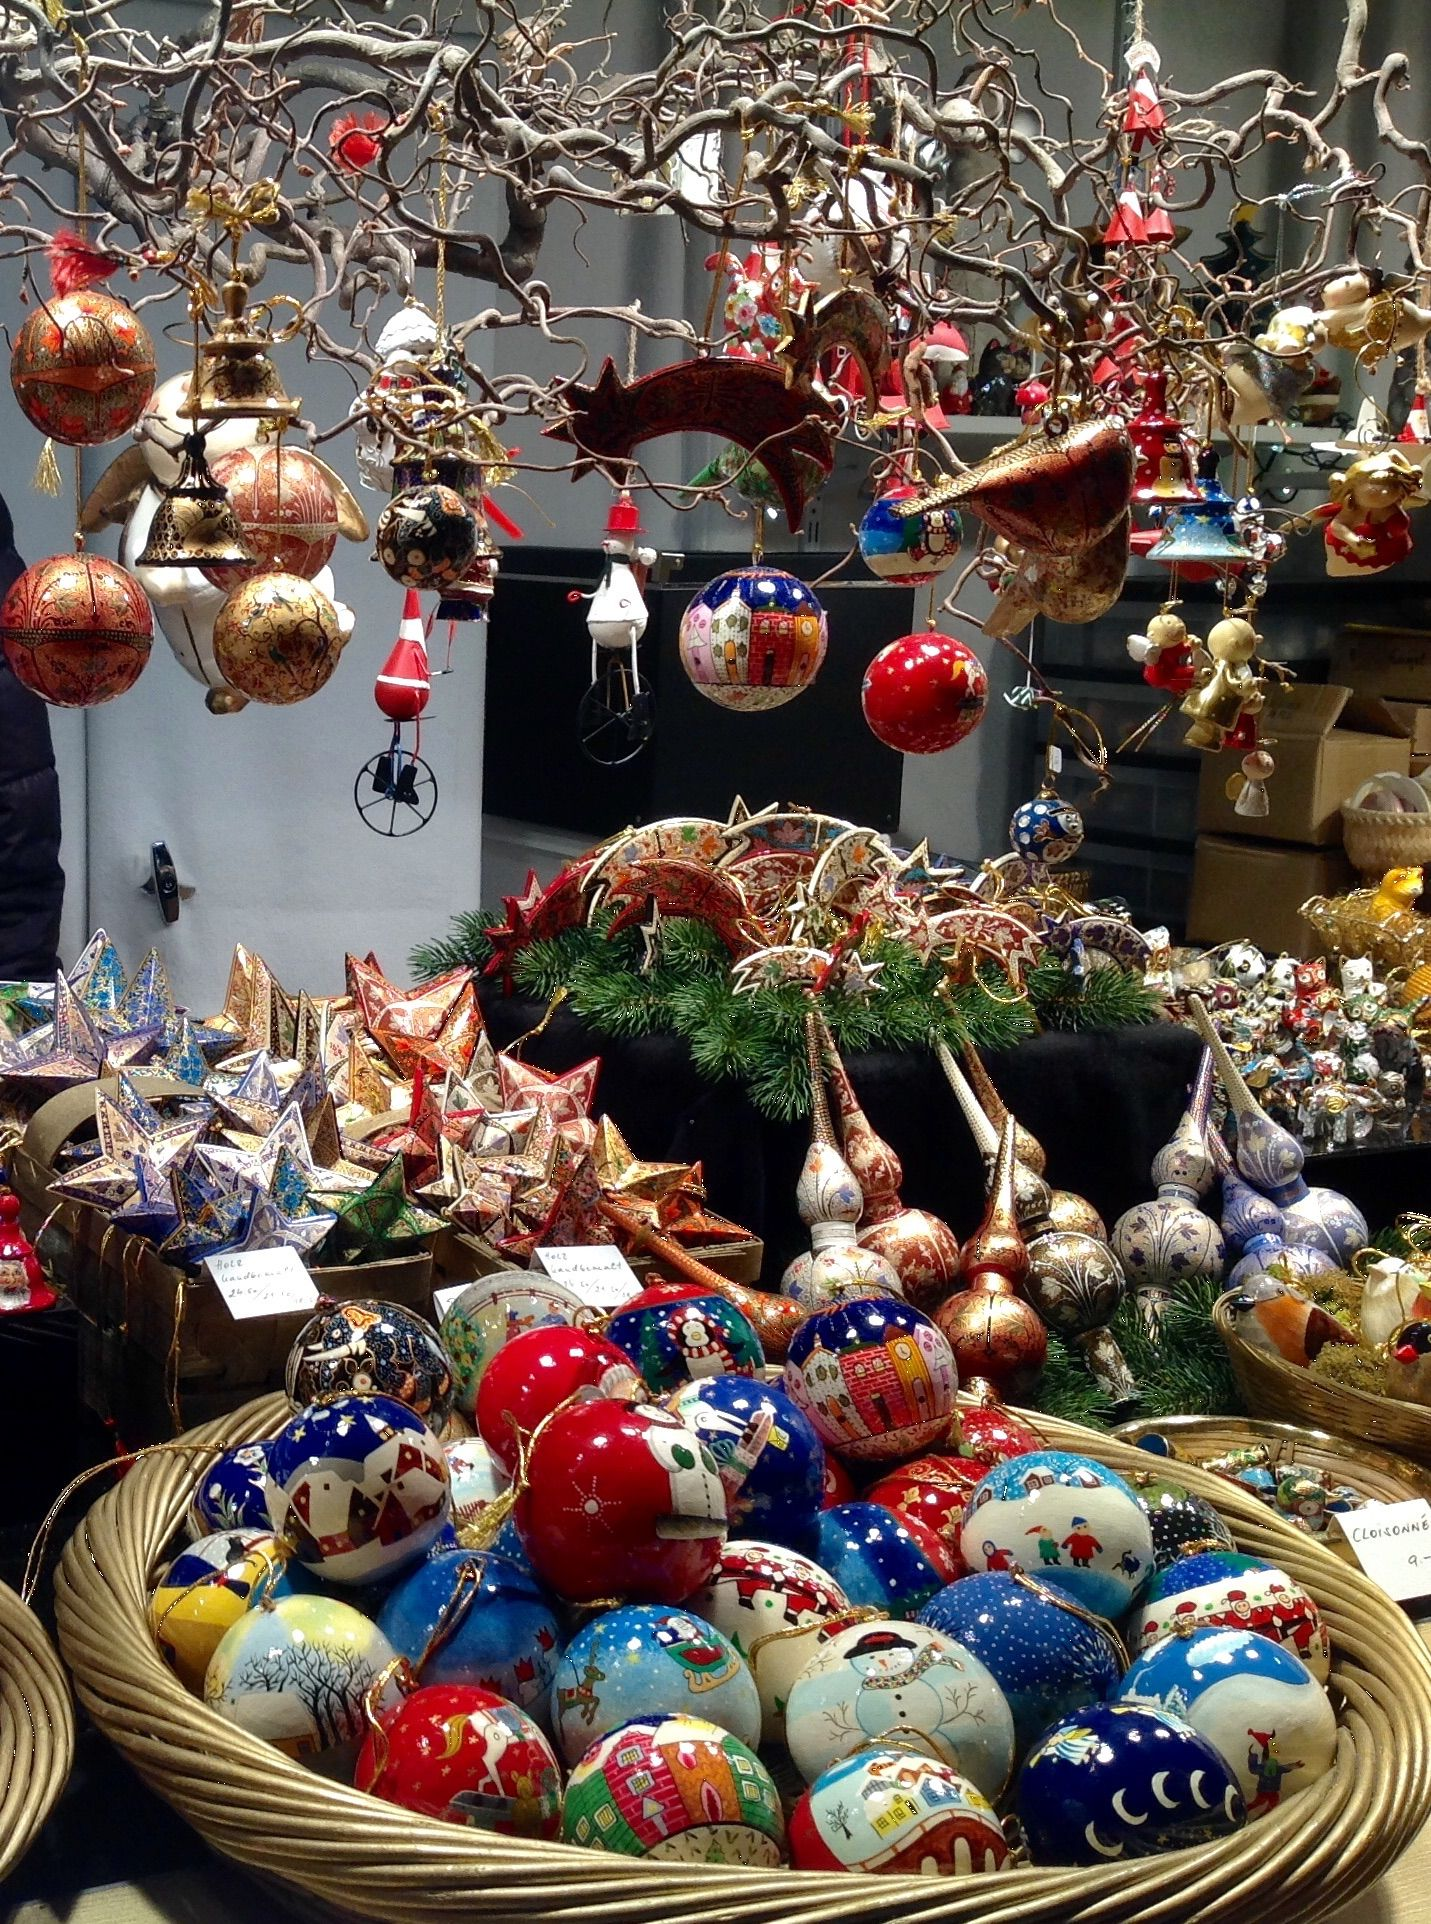 Christmas market in Innsbruk Christmas market, German